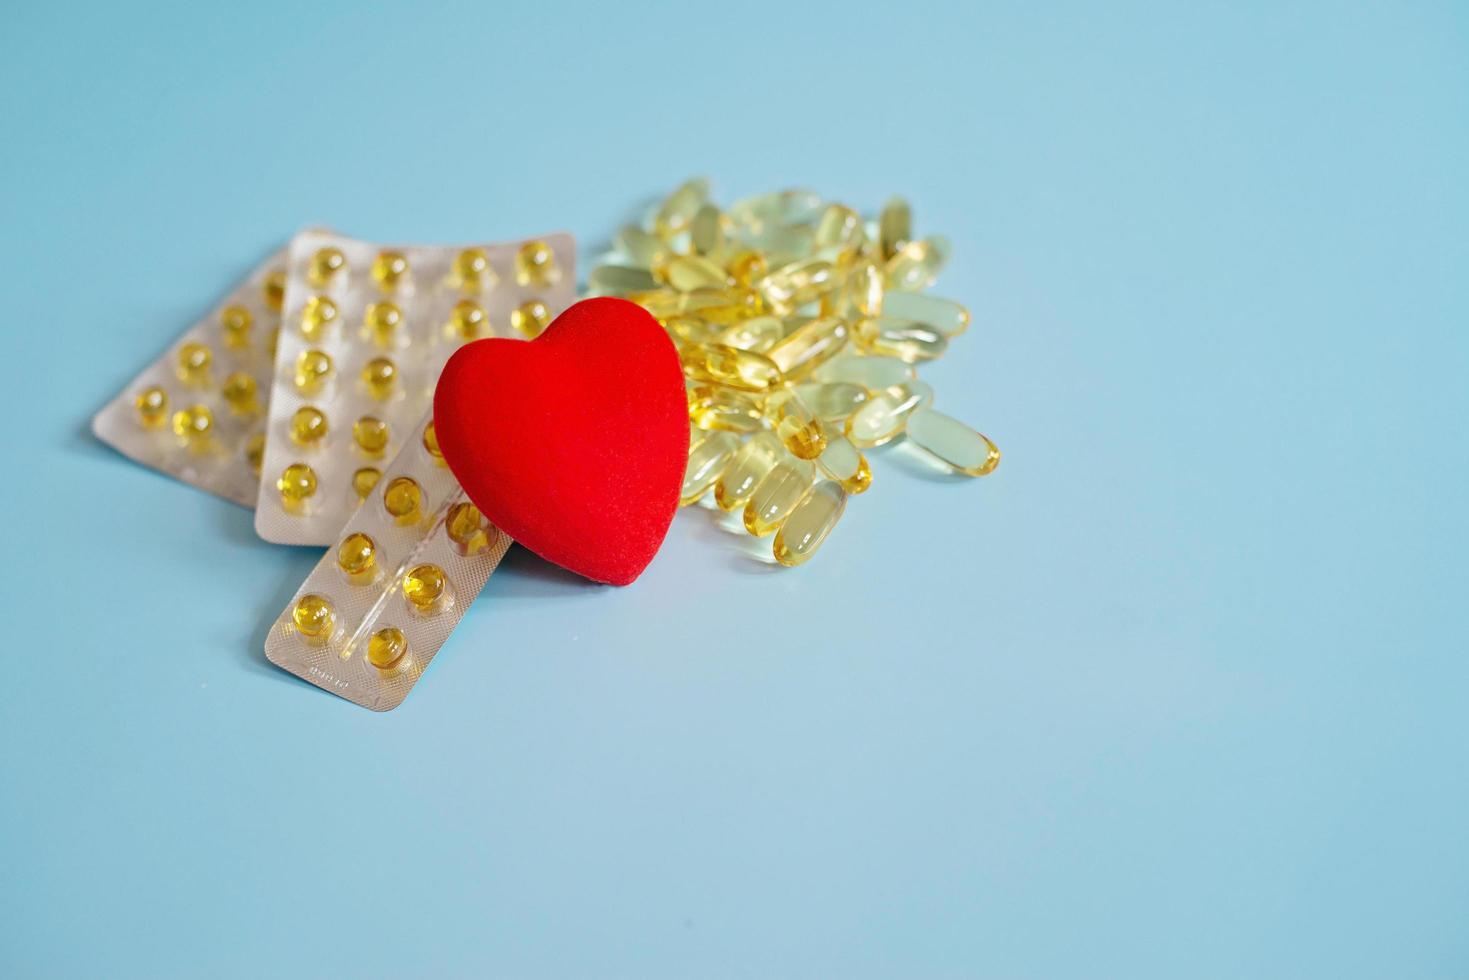 cápsulas de omega 3 con corazón rojo. aceite de pescado en tabletas. apoyo a la salud y tratamiento cardíaco. la medicina. foto